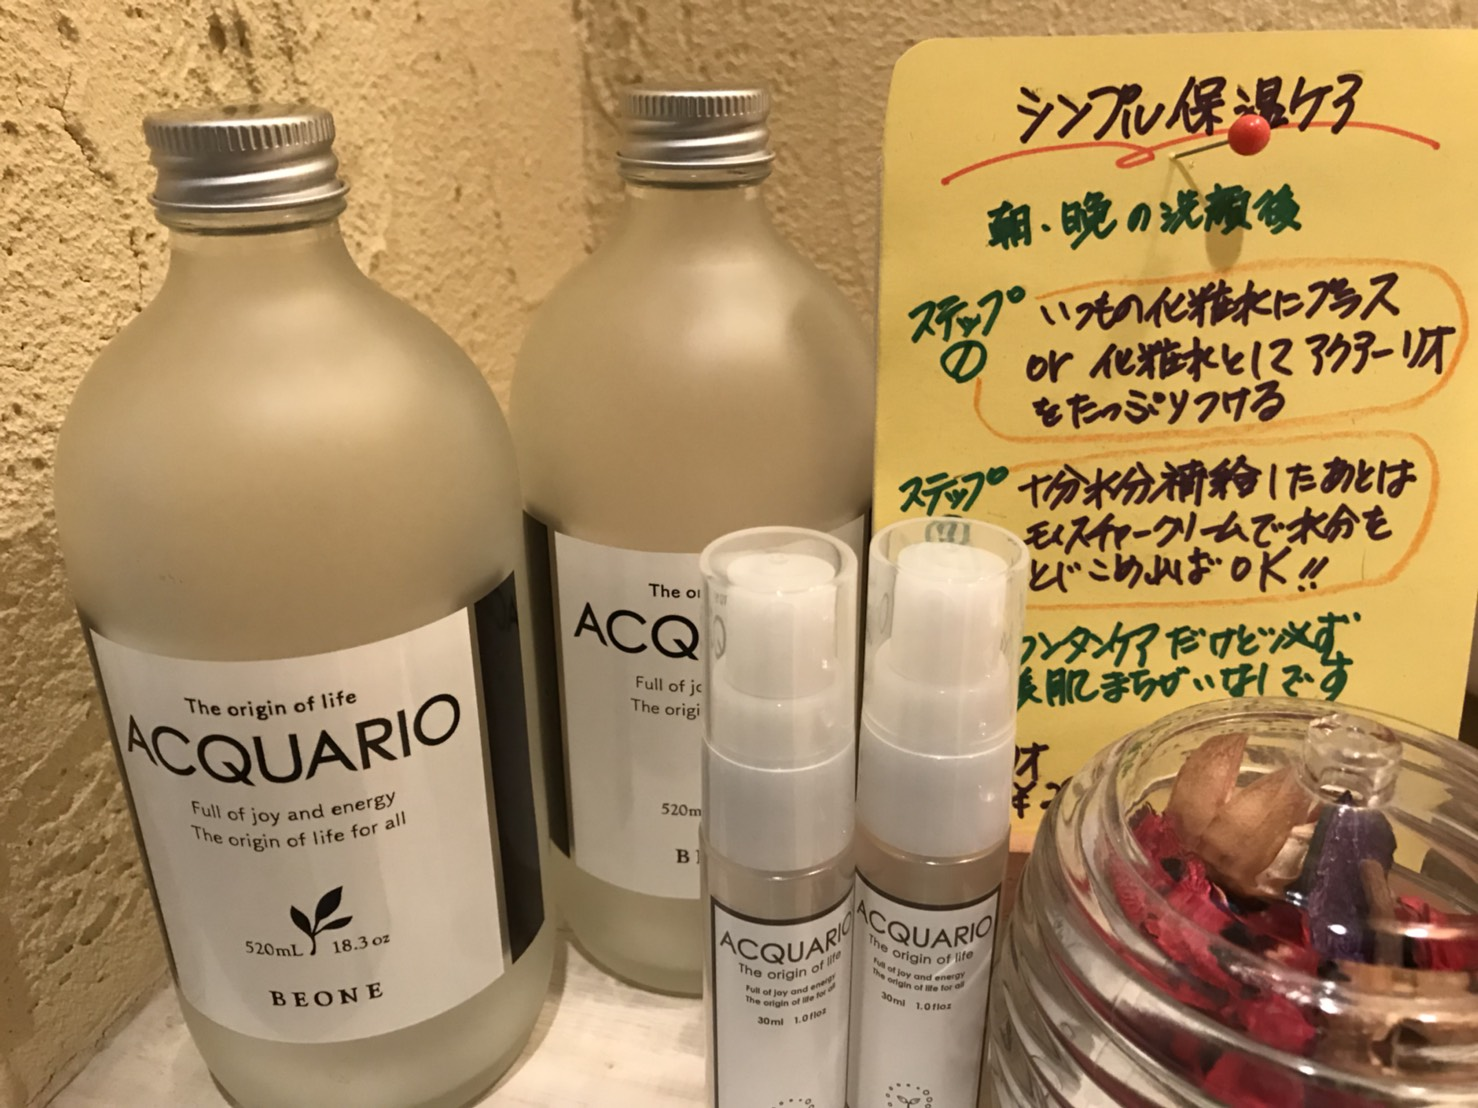 奇跡の天然水「アクアリオ」リニューアル!美容室ソフィア